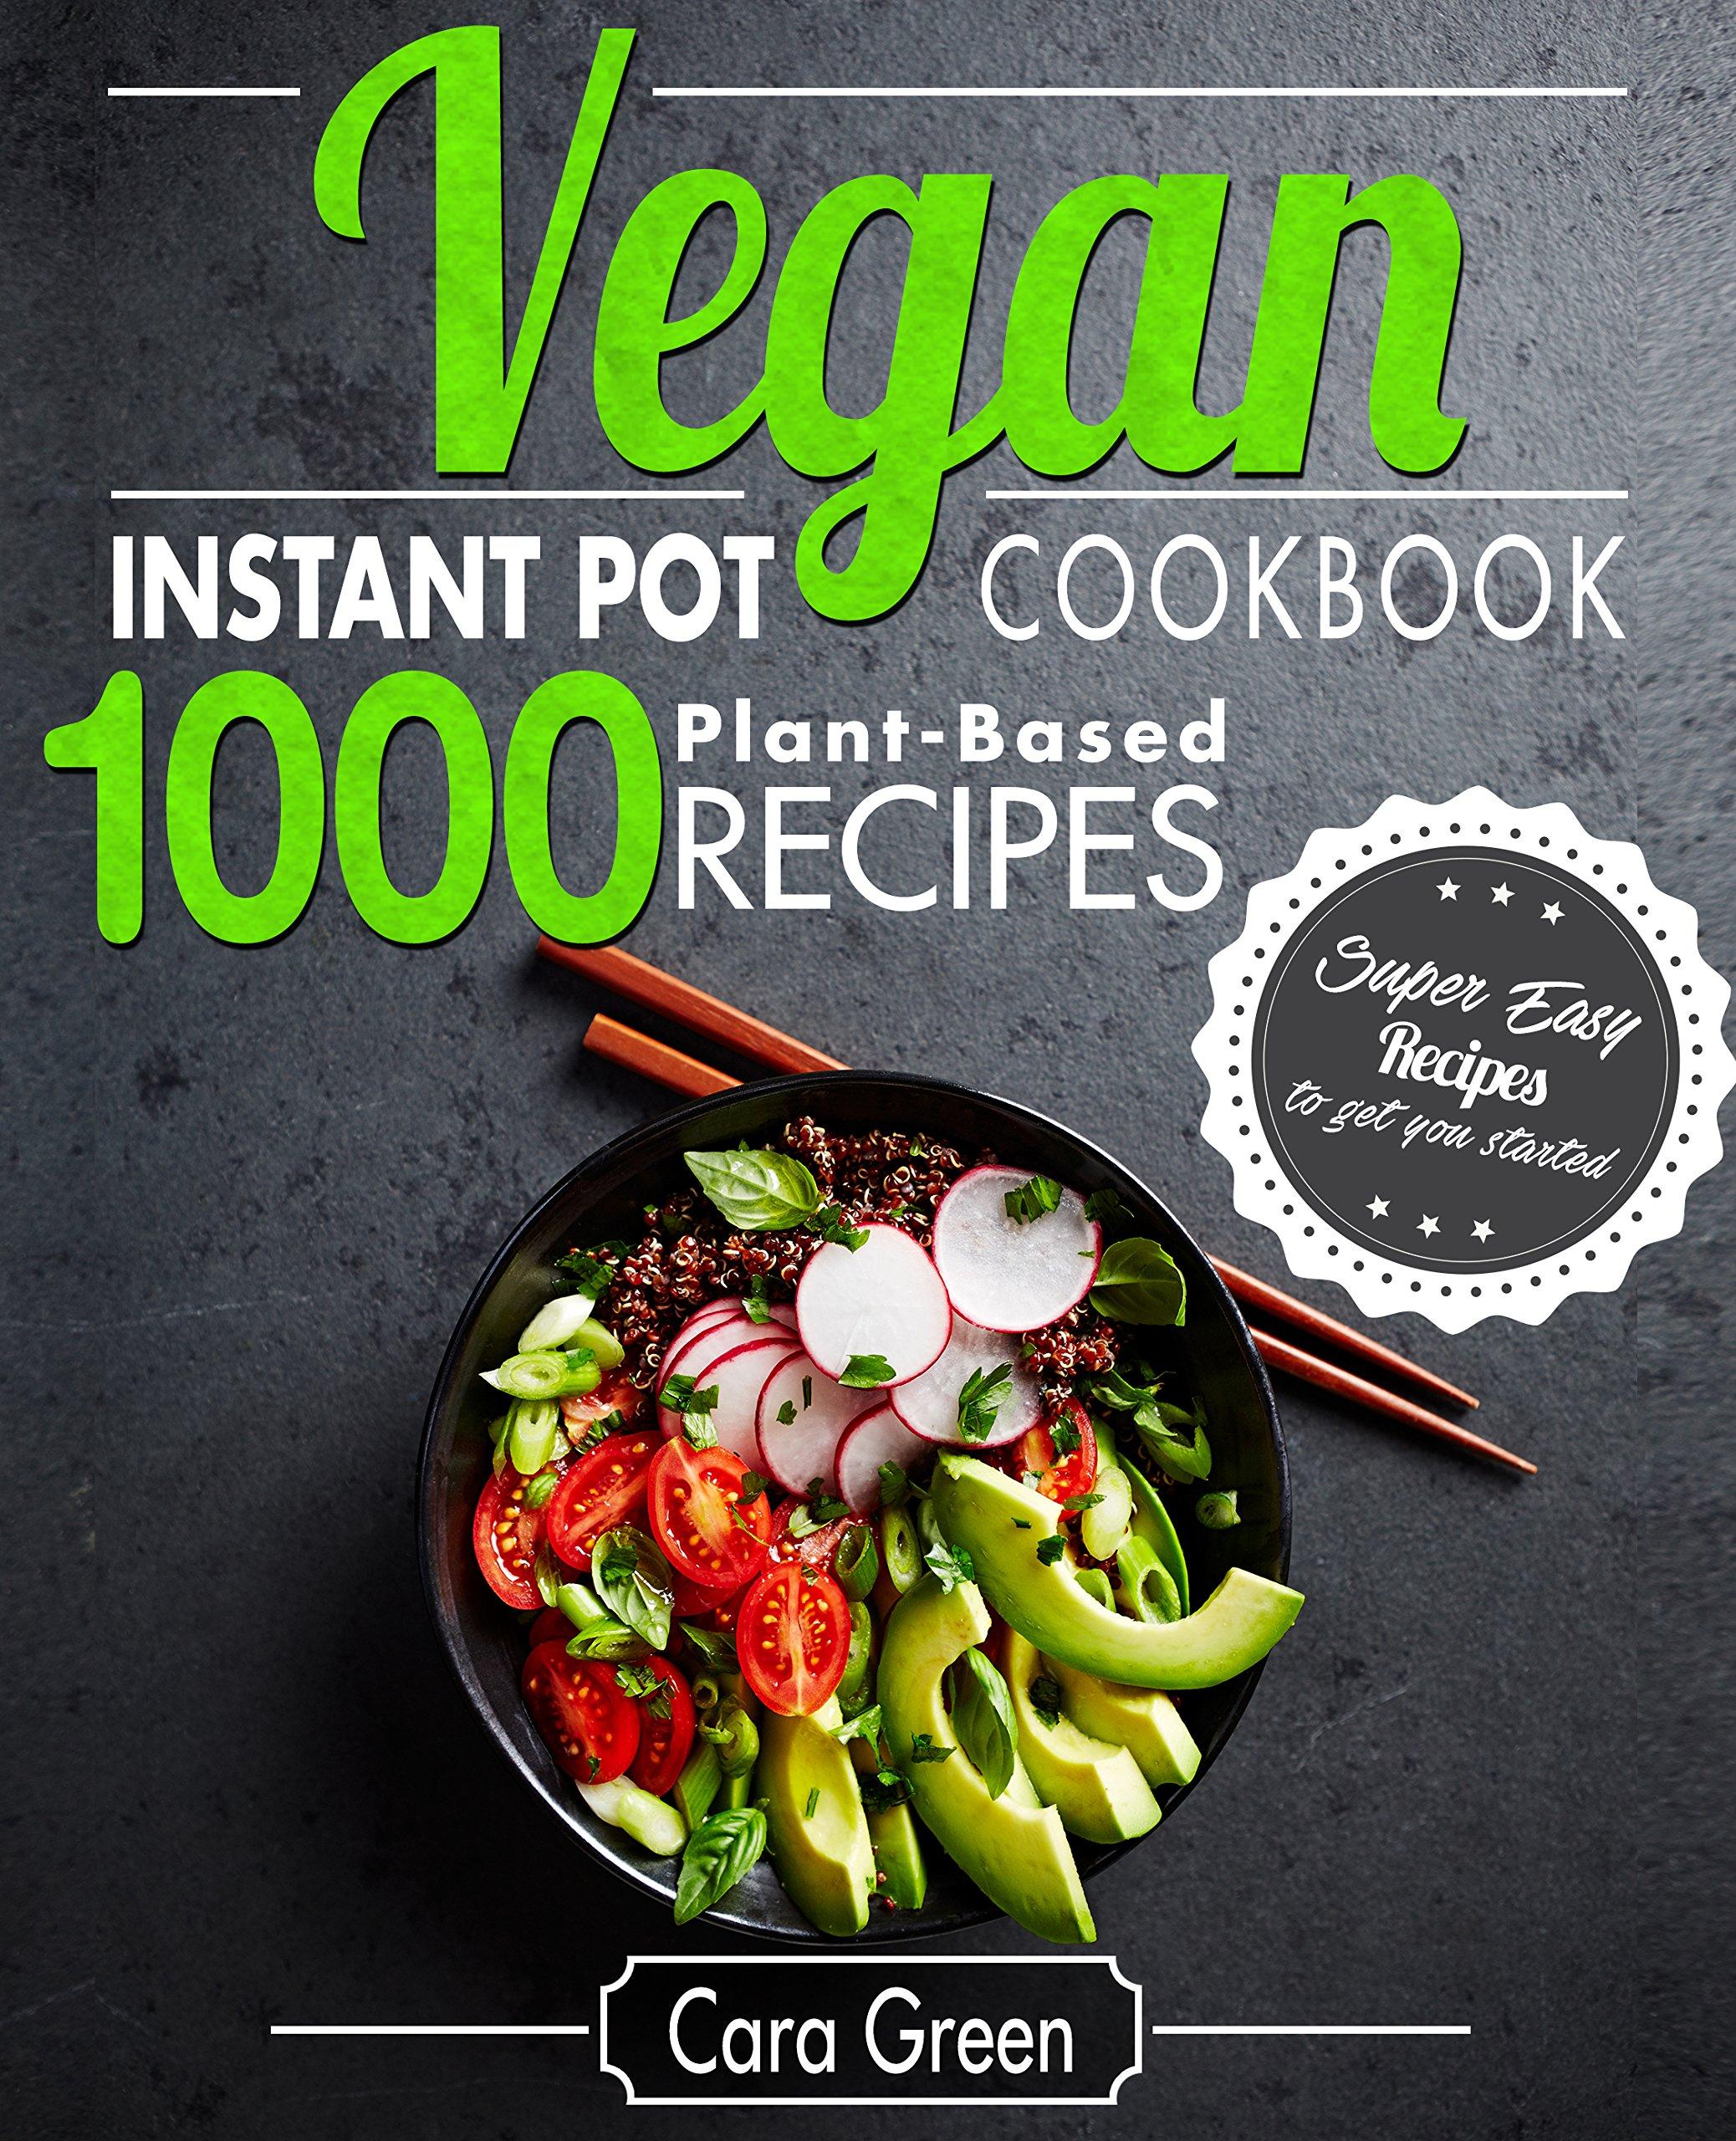 Vegan Instant Pot Cookbook: 1000 Super Easy Plant-Based Recipes to get you Started (Vegan Box - Set)